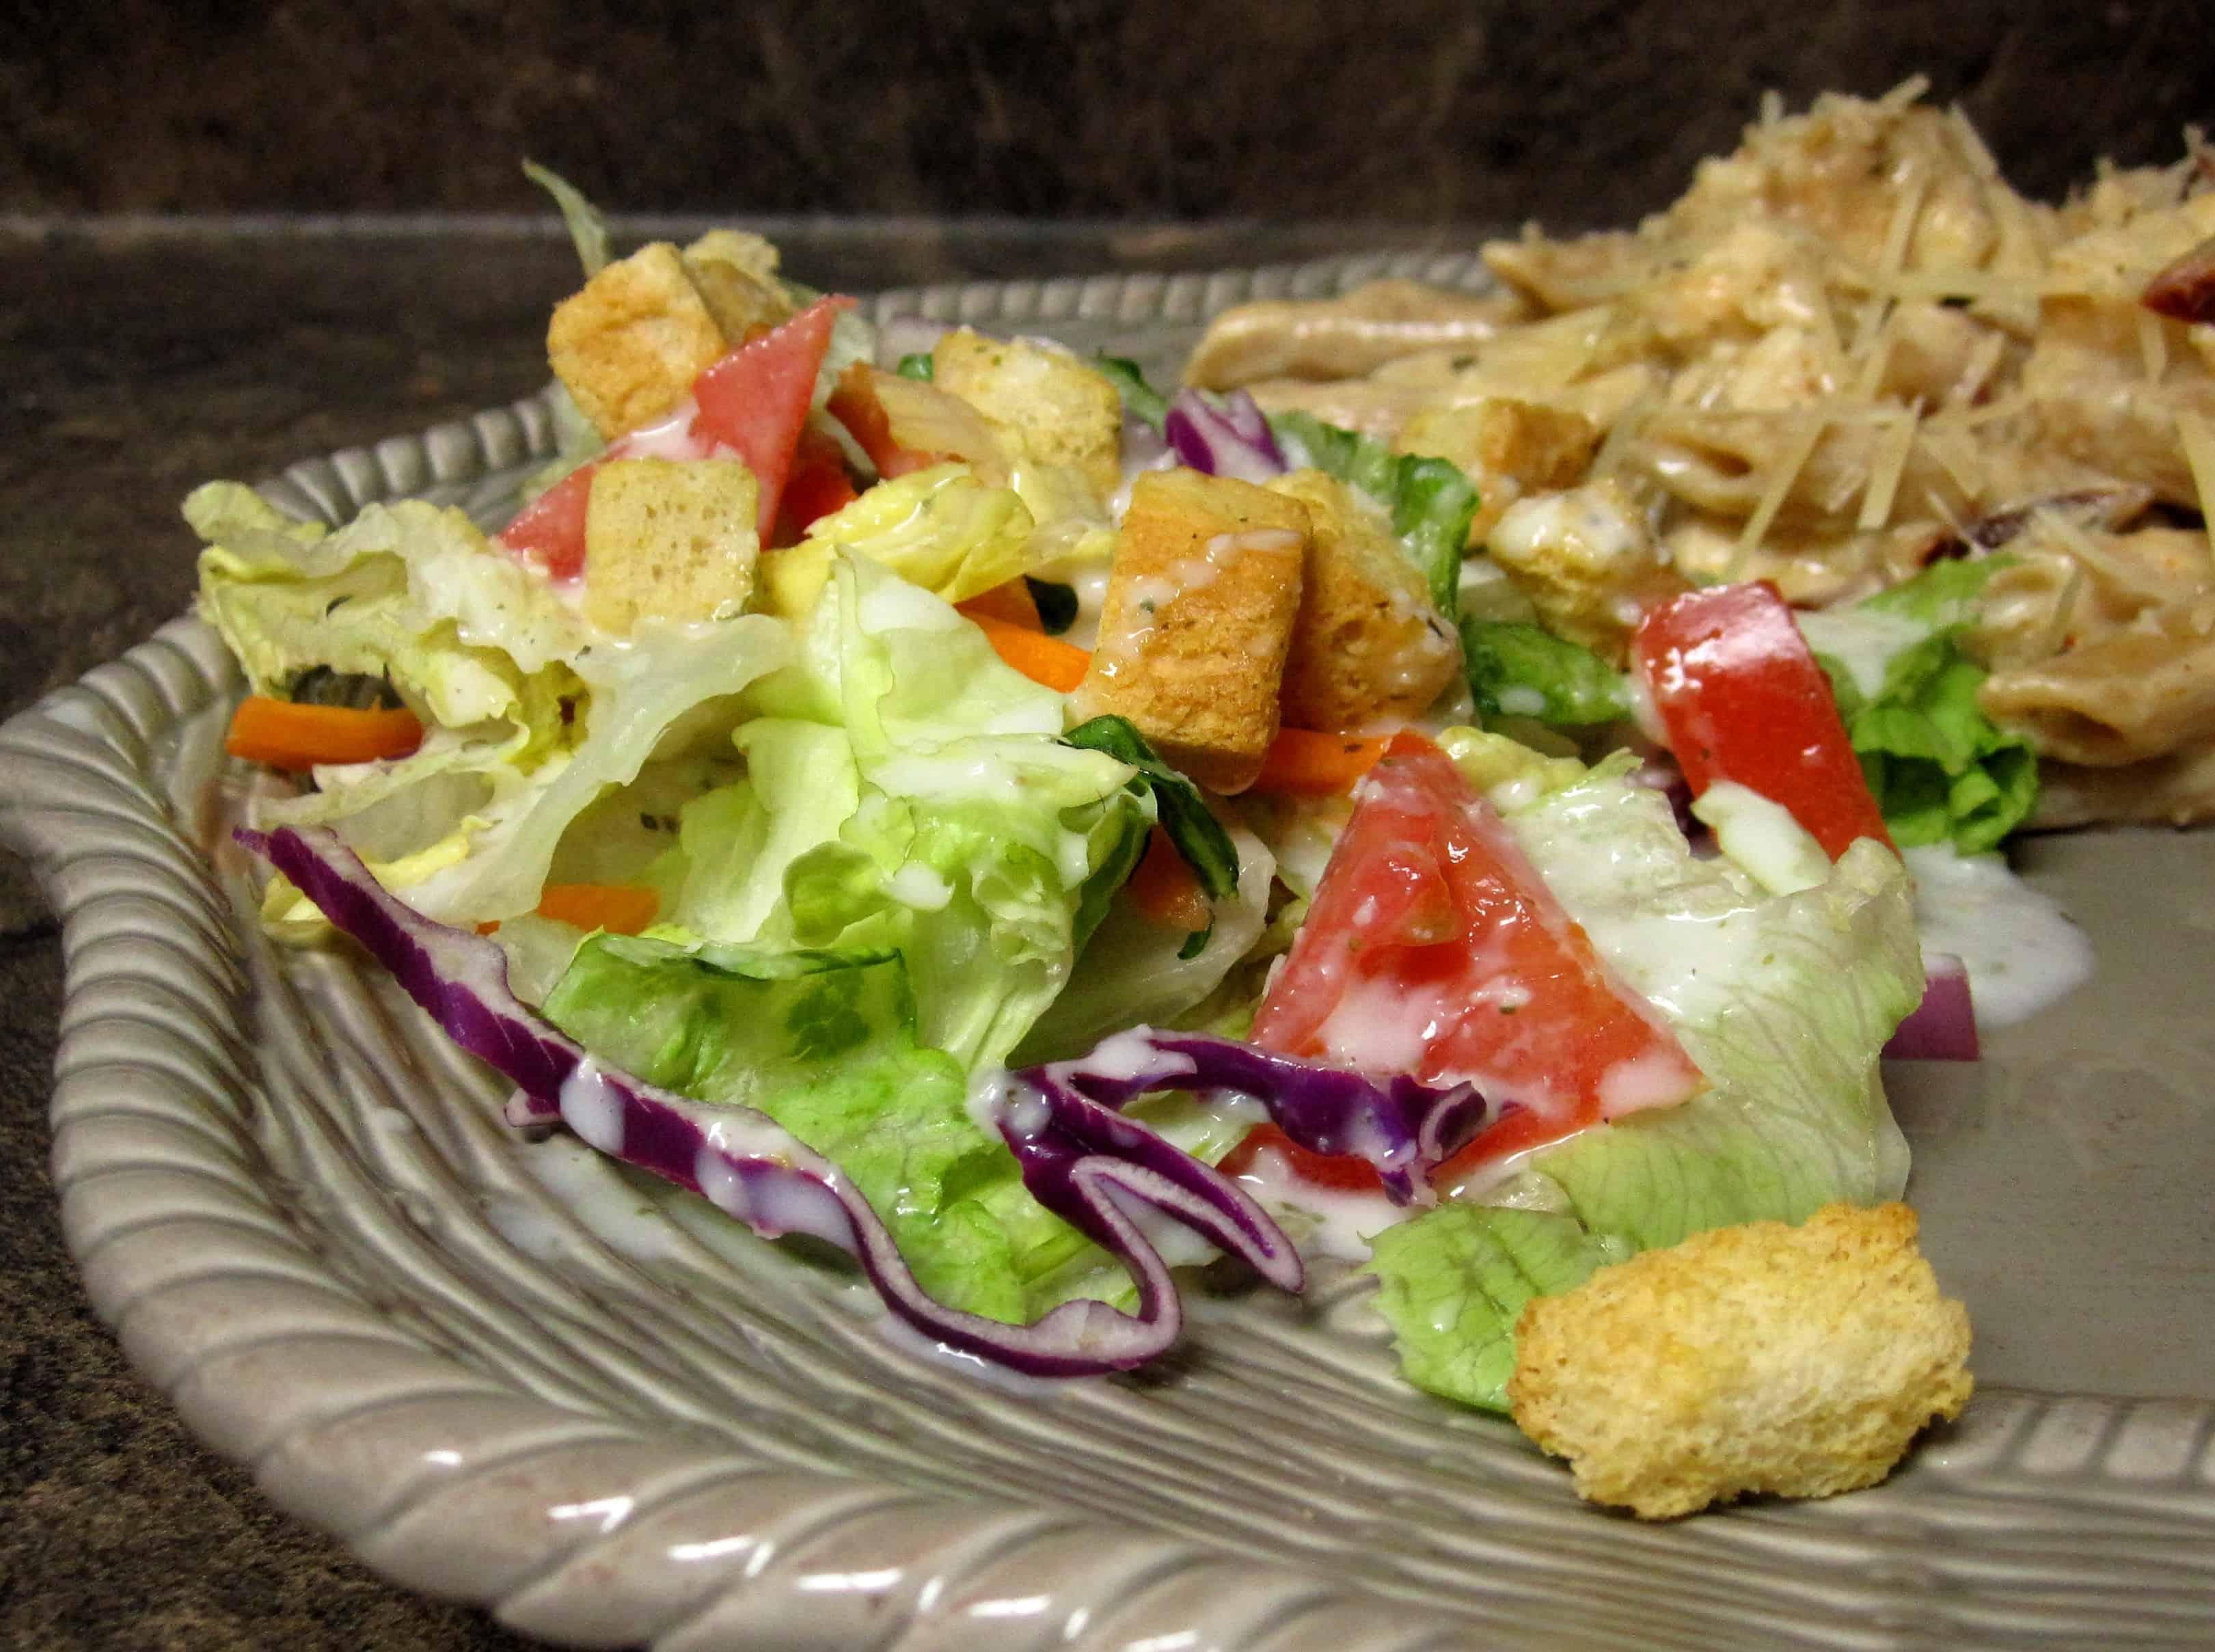 dressing - Vegan Options At Olive Garden